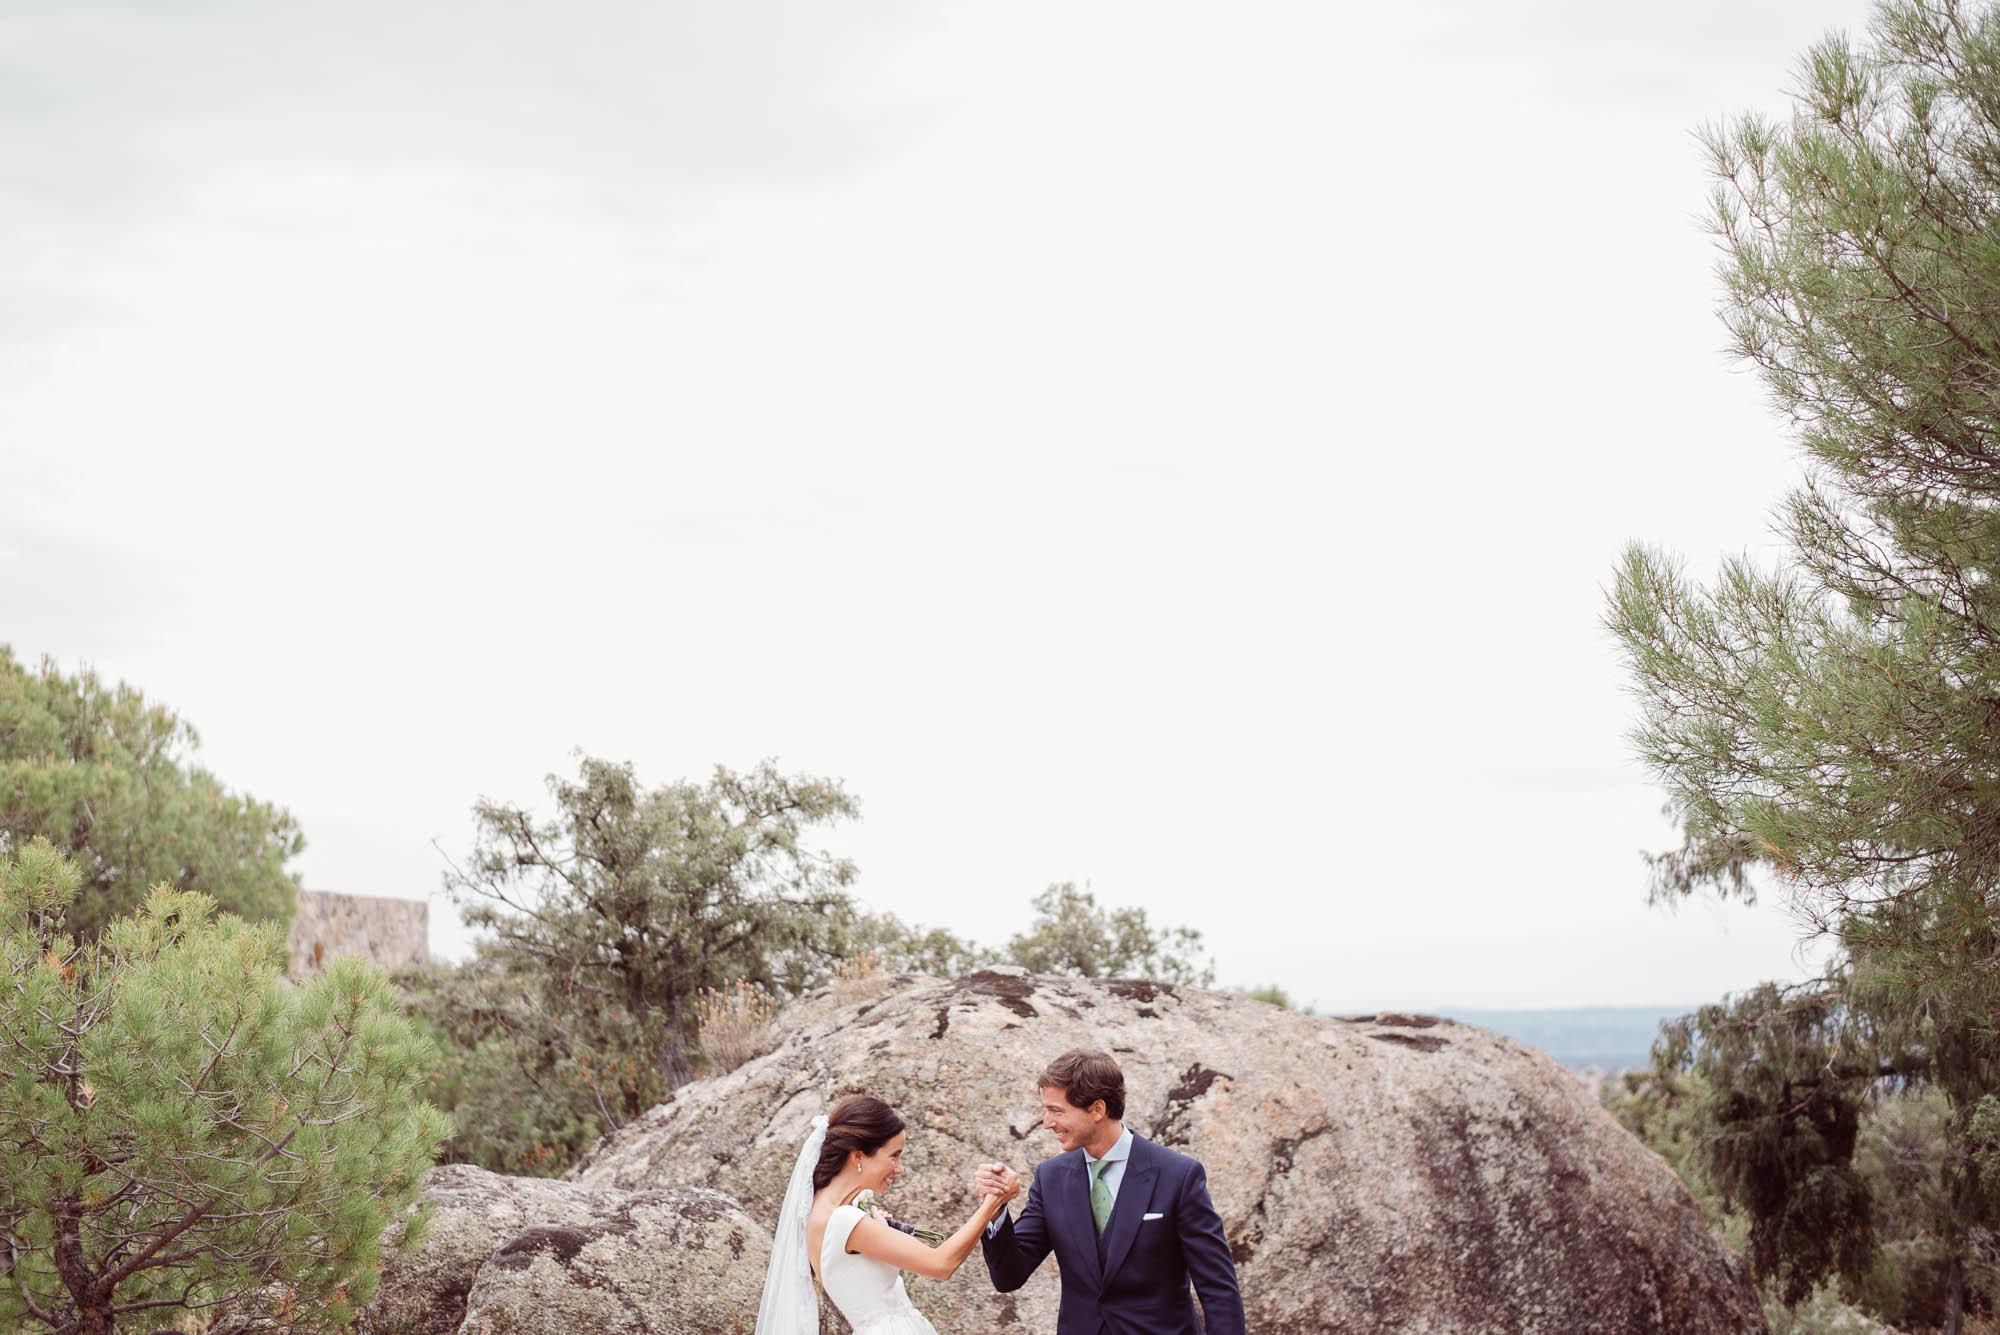 Dos novios el día de su boda con un fondo de rocas y bosque